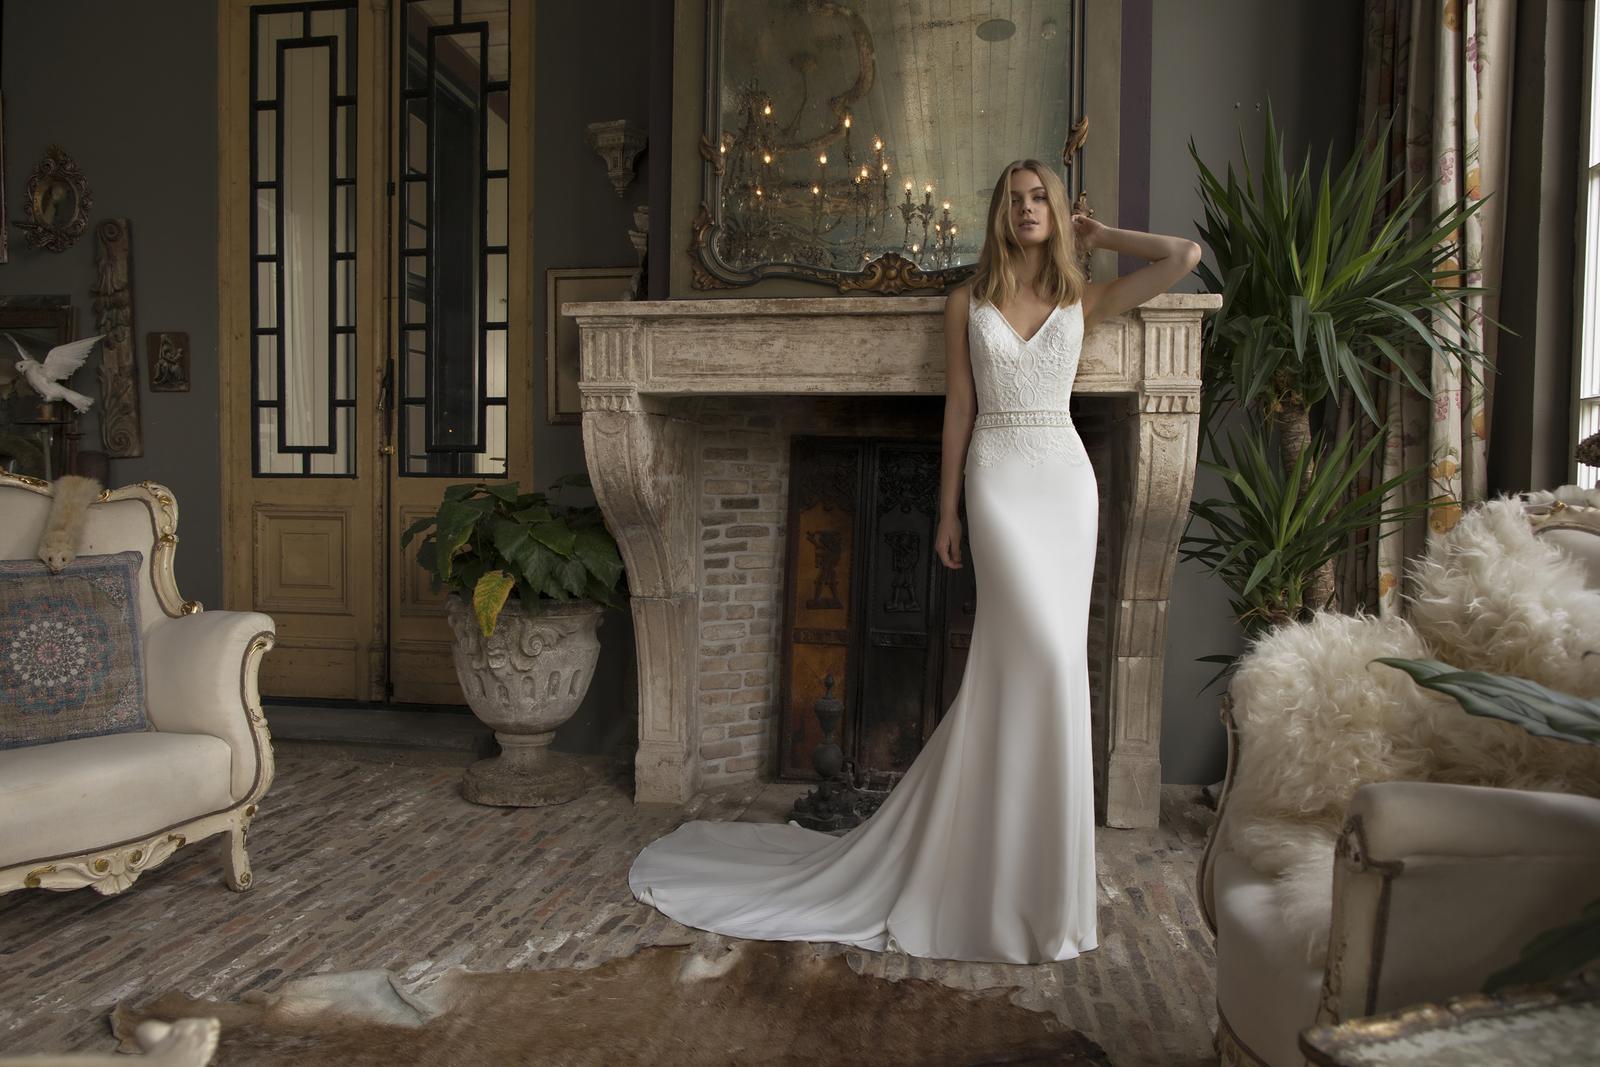 Svatební šaty podle Vašeho znamení zvěrokruhu? - Obrázek č. 3